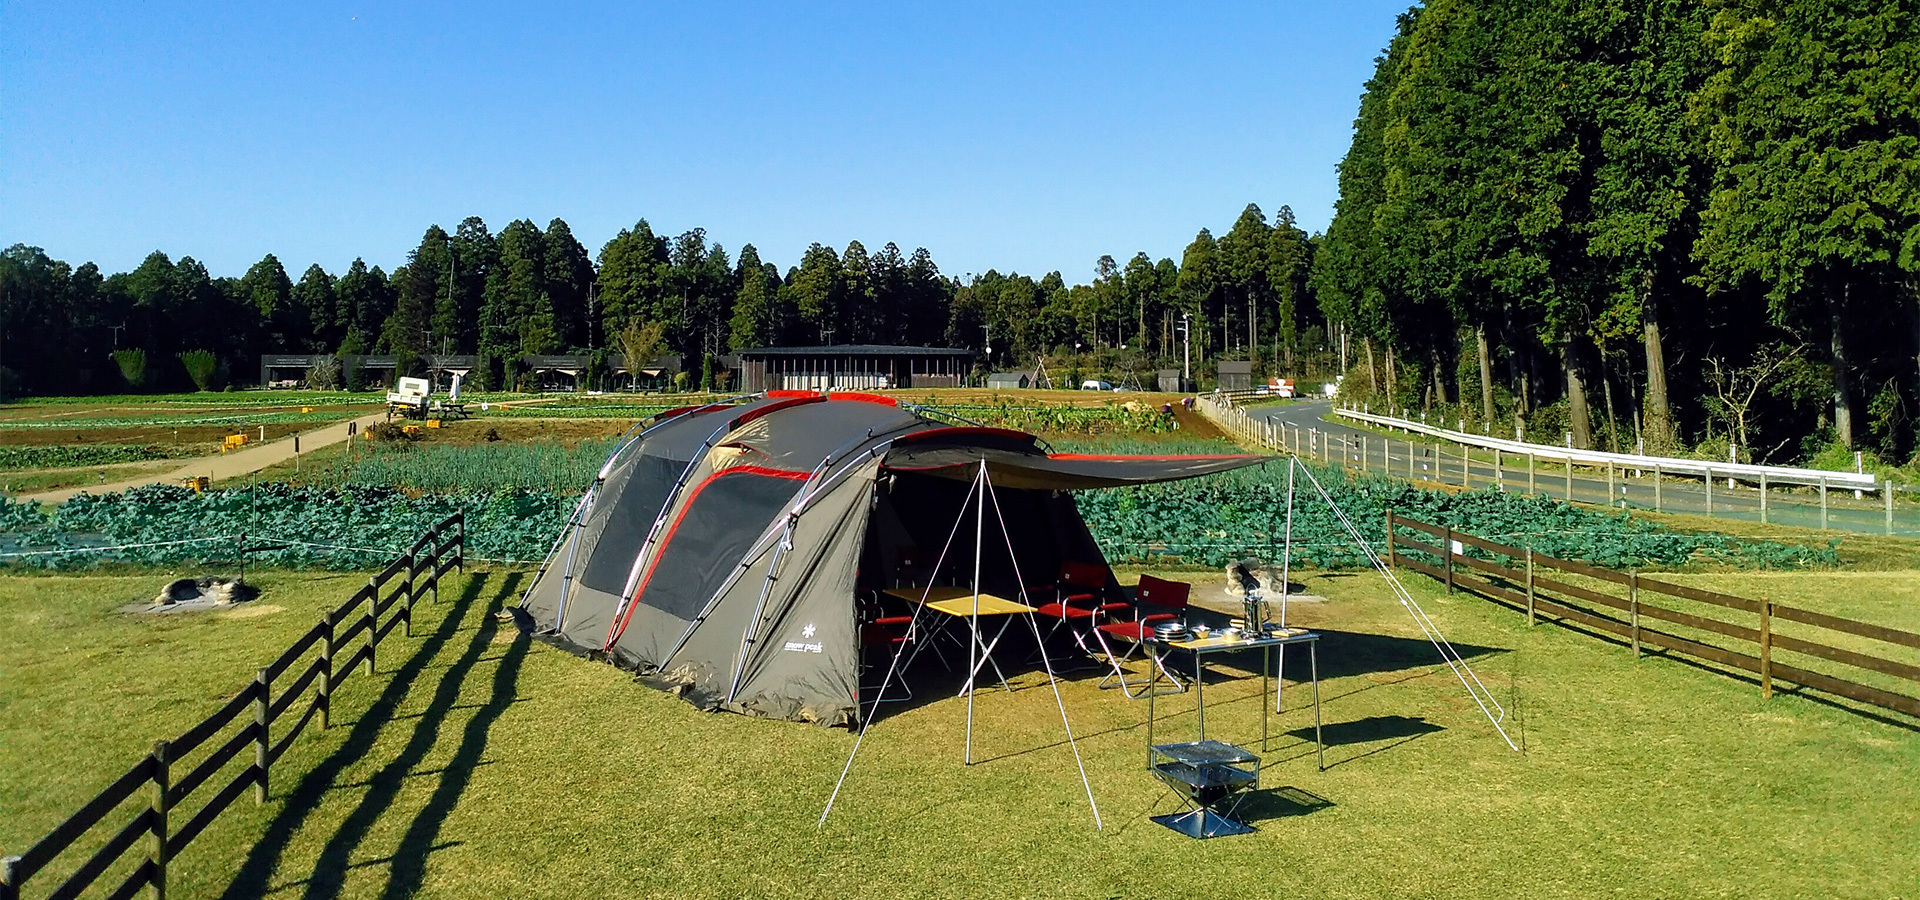 ザファーム | 農園のなかのキャンプ場